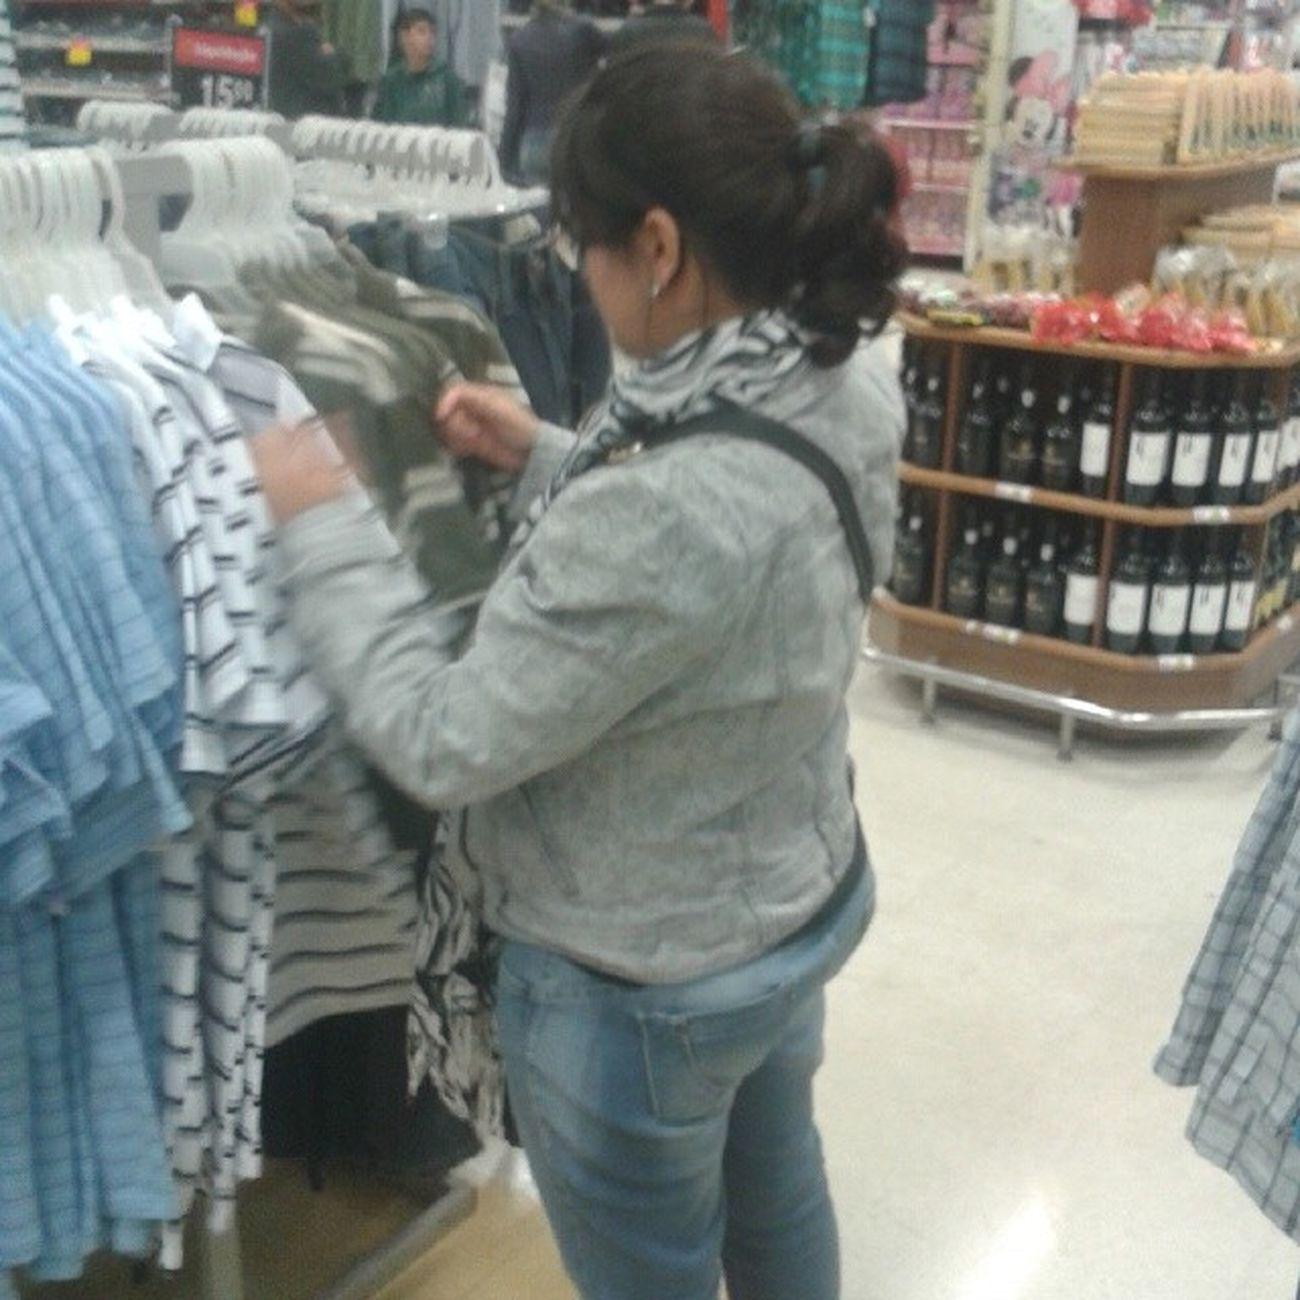 Minha Esposa Compras Walmart Balneariocamboriu dia dos pais